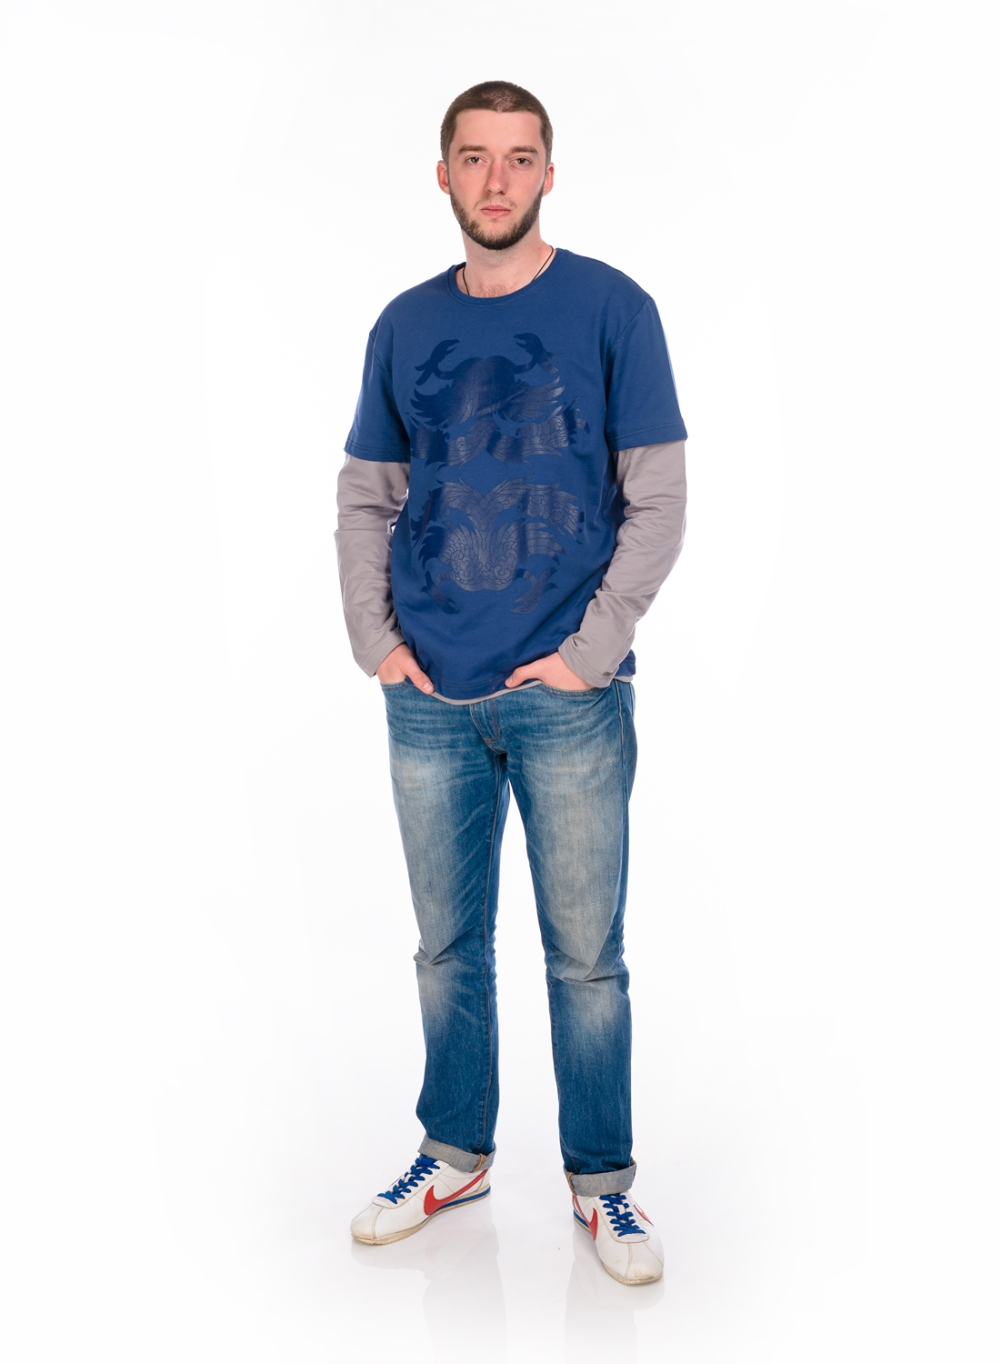 ФутболкаДжемперы<br>Молодежный джемпер с длинными рукавами. Модель выполнена из эластичного трикотажа. Отличный выбор для повседневного гардероба.  В изделии использованы цвета: синий, серый  Ростовка изделия 170-176 см.<br><br>По сезону: Осень,Весна<br>Размер : 48<br>Материал: Трикотаж<br>Количество в наличии: 1